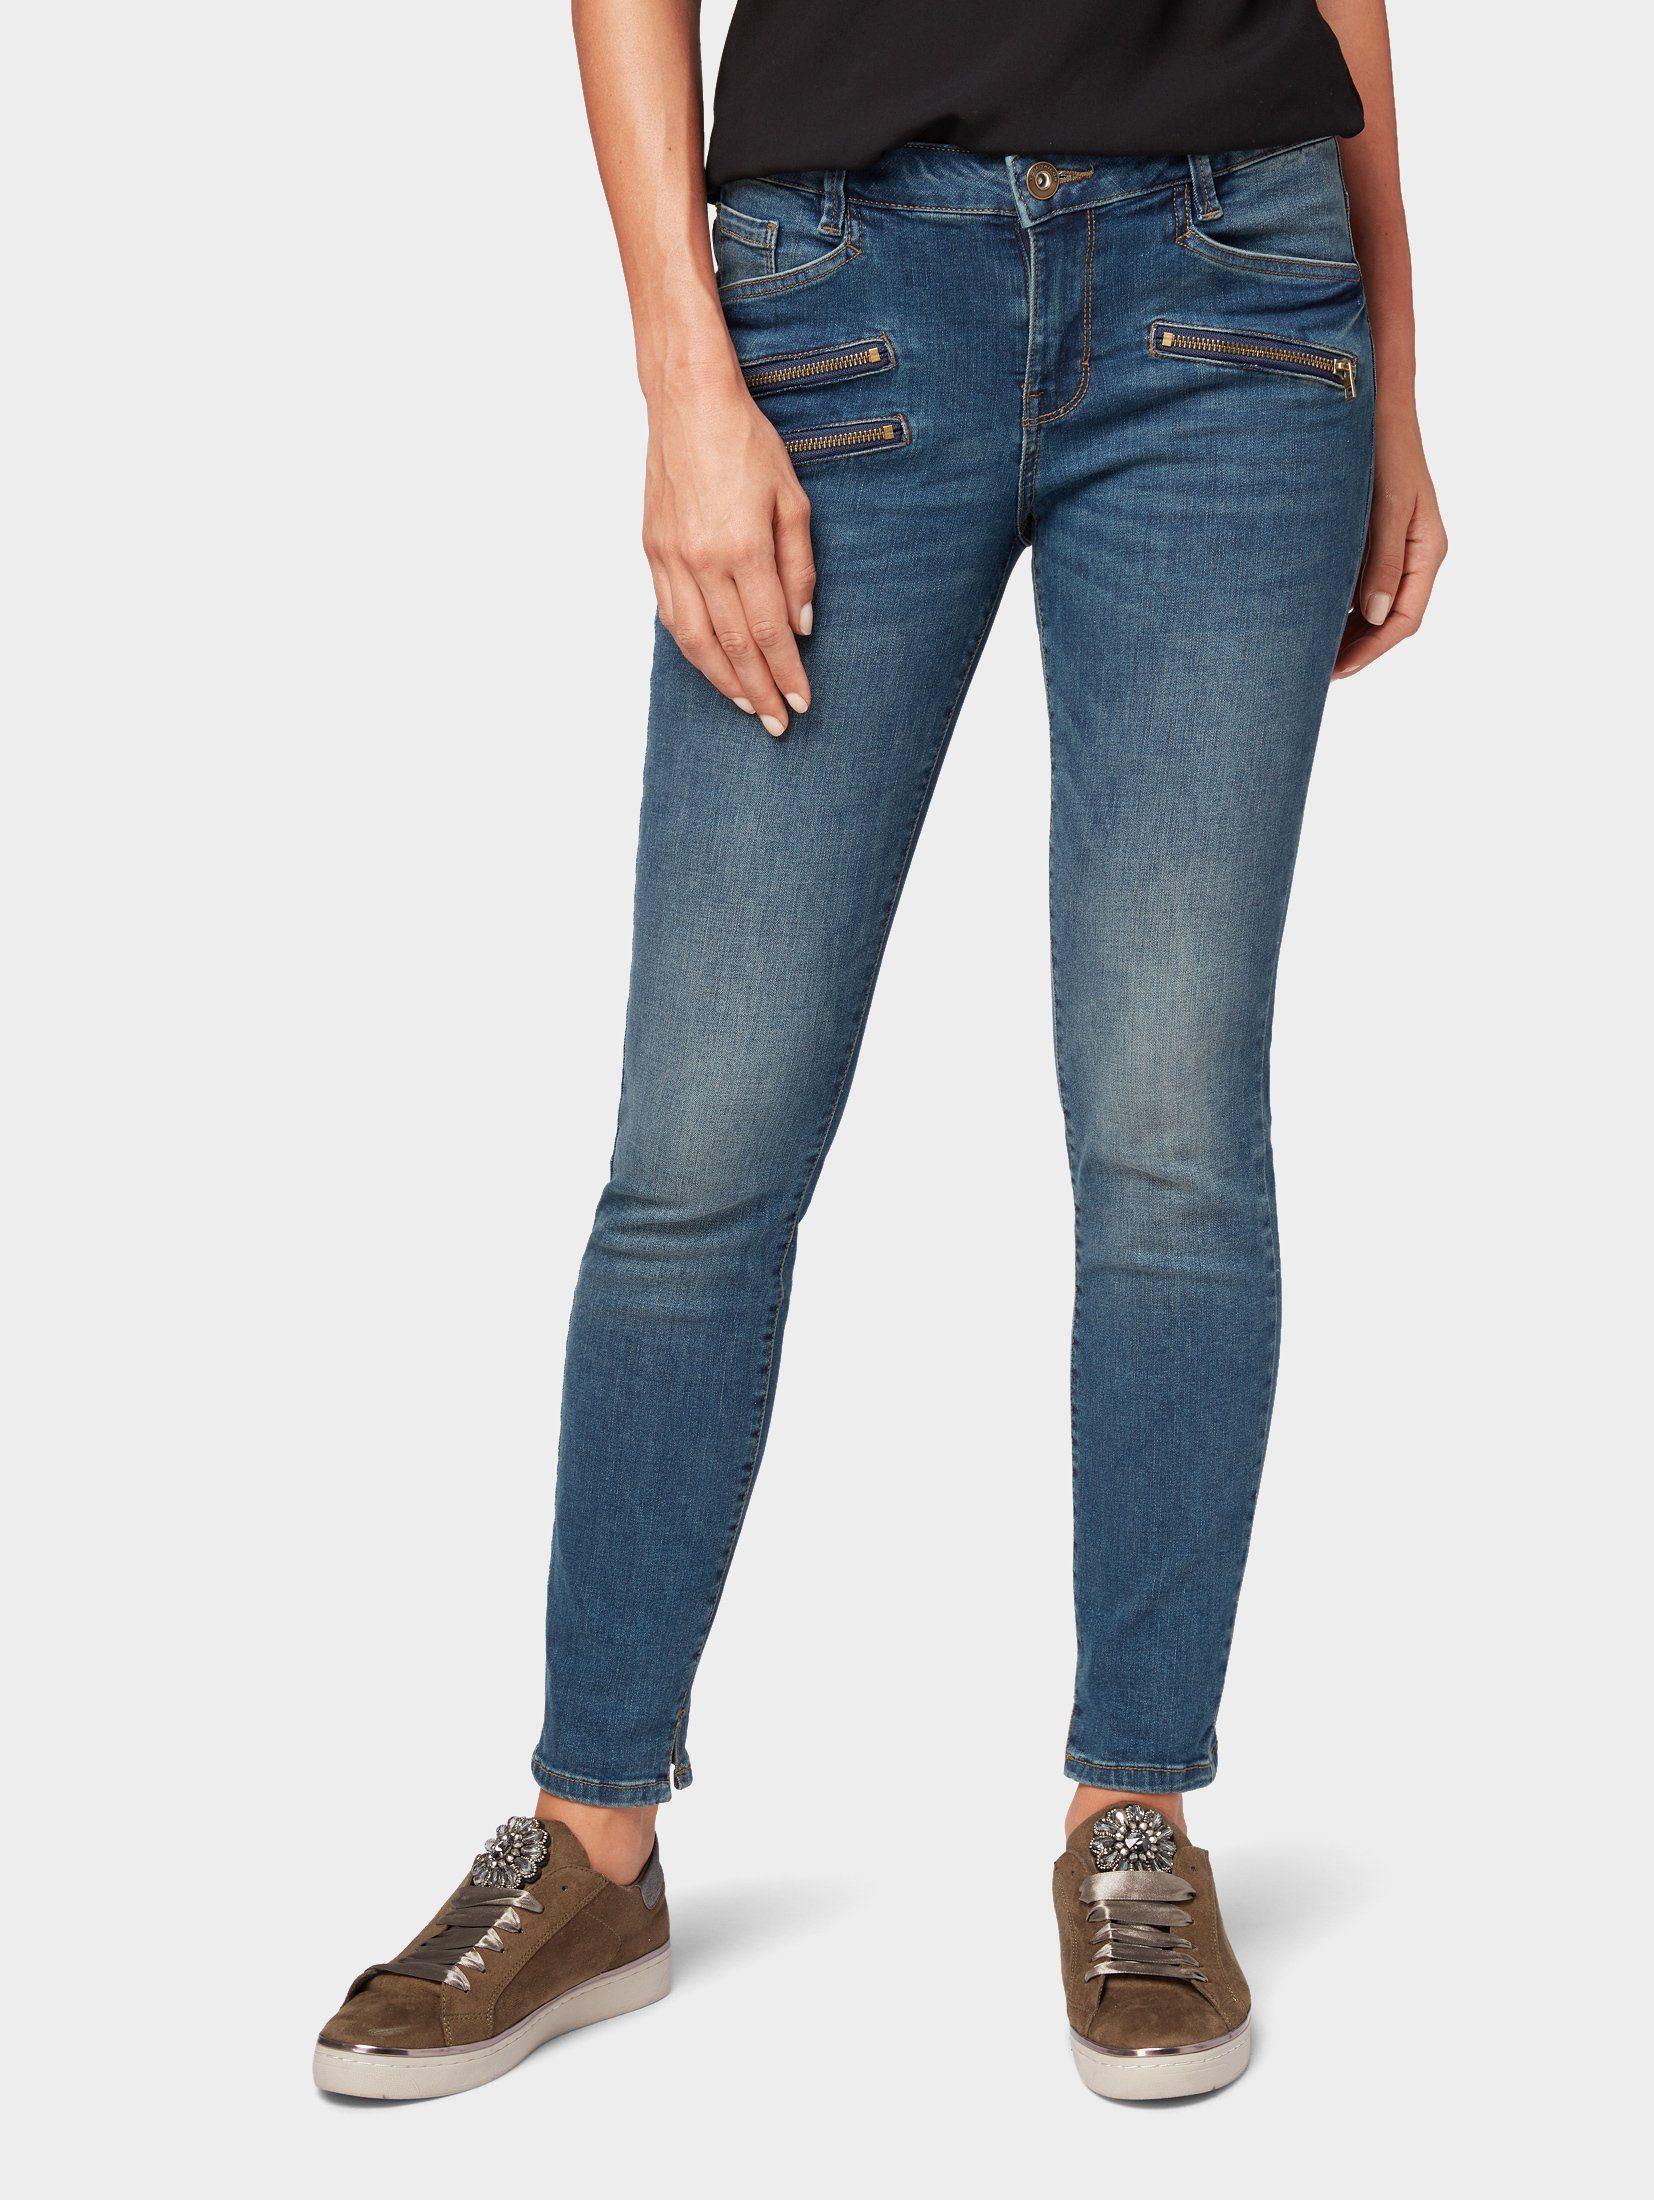 Mac 2b, Mia turn up, 34 Damen Jeans Hose, Stretchdenim